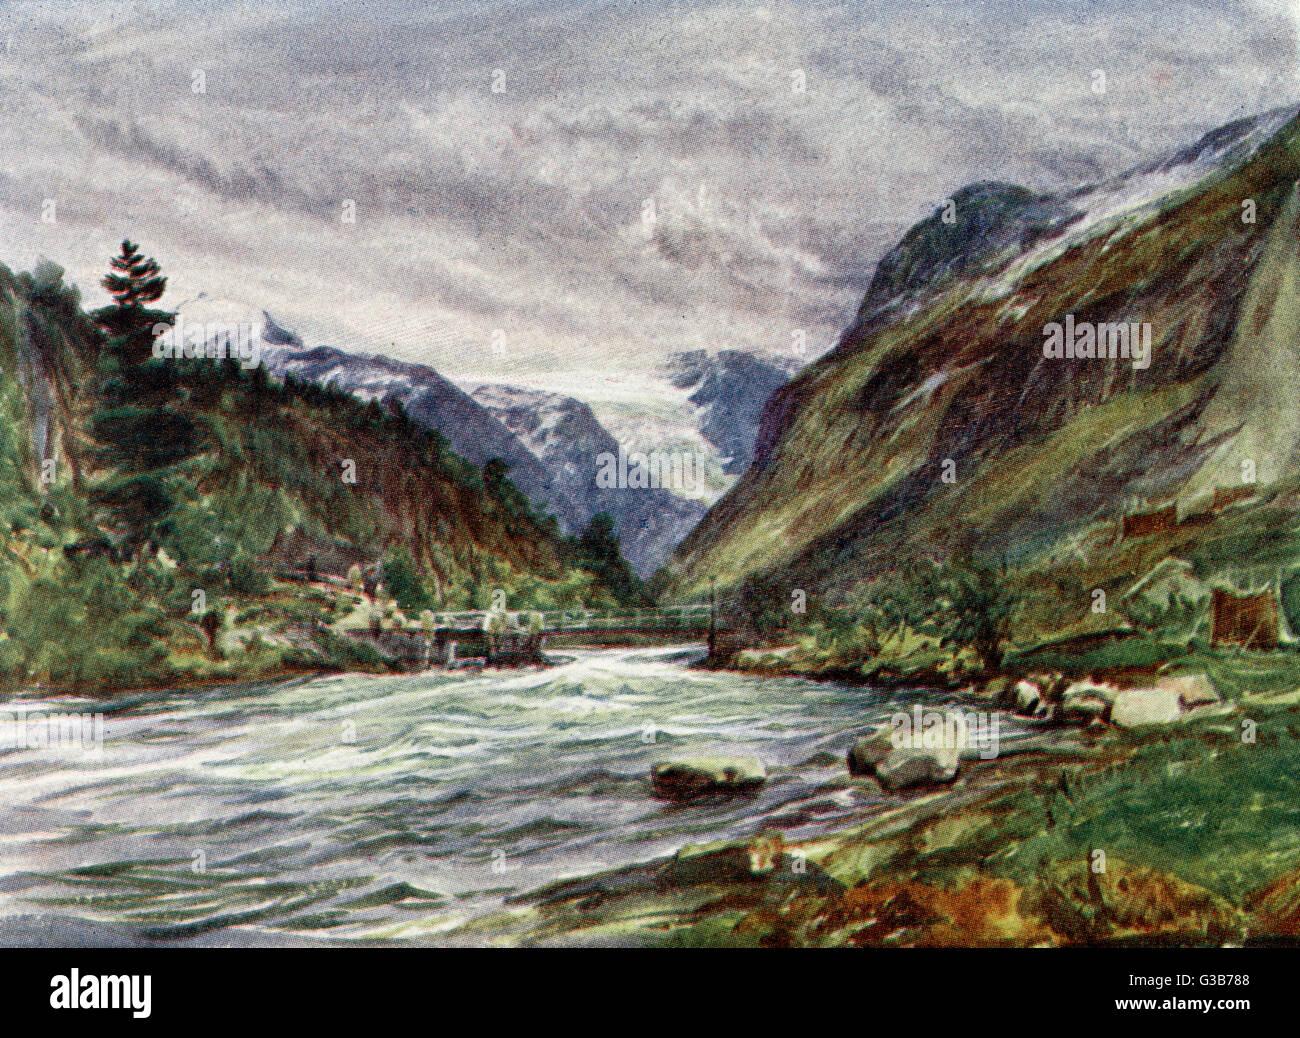 Loen Elv: un paesaggio roccioso data: 1909 Immagini Stock